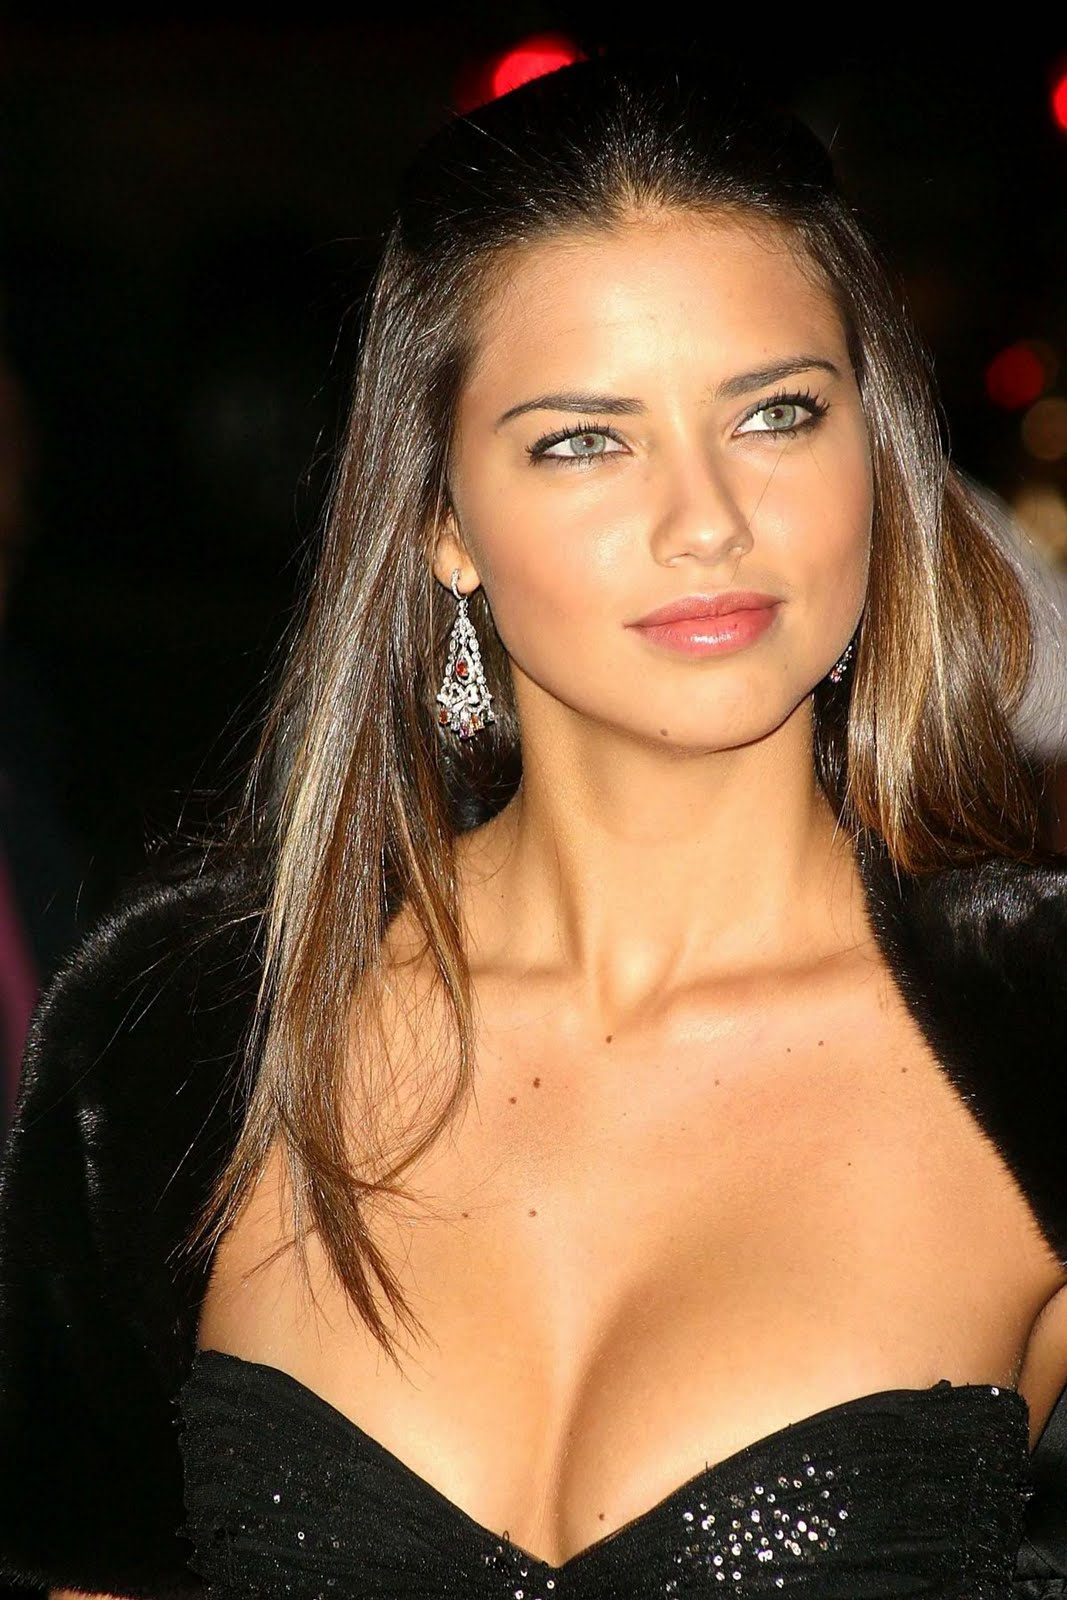 Adriana Lima Most Beautiful Women